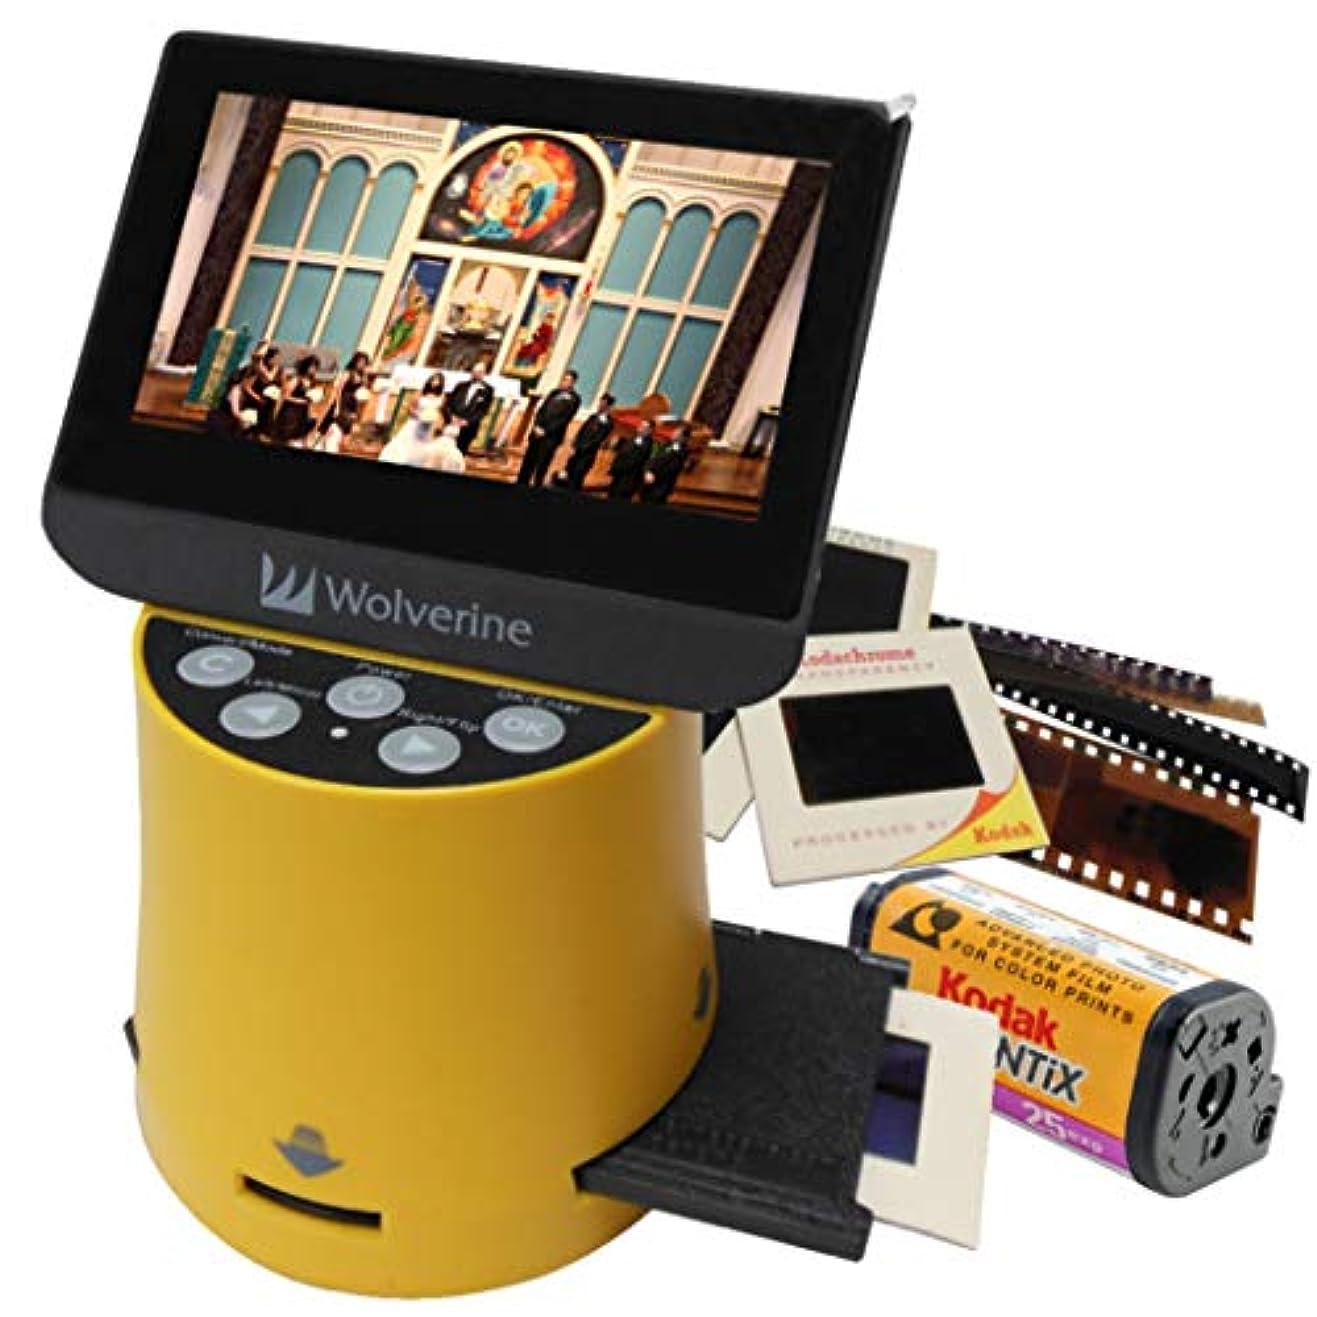 ピットジョージスティーブンソン電気のWolverine フィルムスキャナー デジタルコンバーター TITAN 8イン1 高解像度 4.3インチスクリーン&HDMI 35mm 127フィルム/126フィルム/110フィルム/Advantix/APSスライド/ネガを3秒でデジタル変換